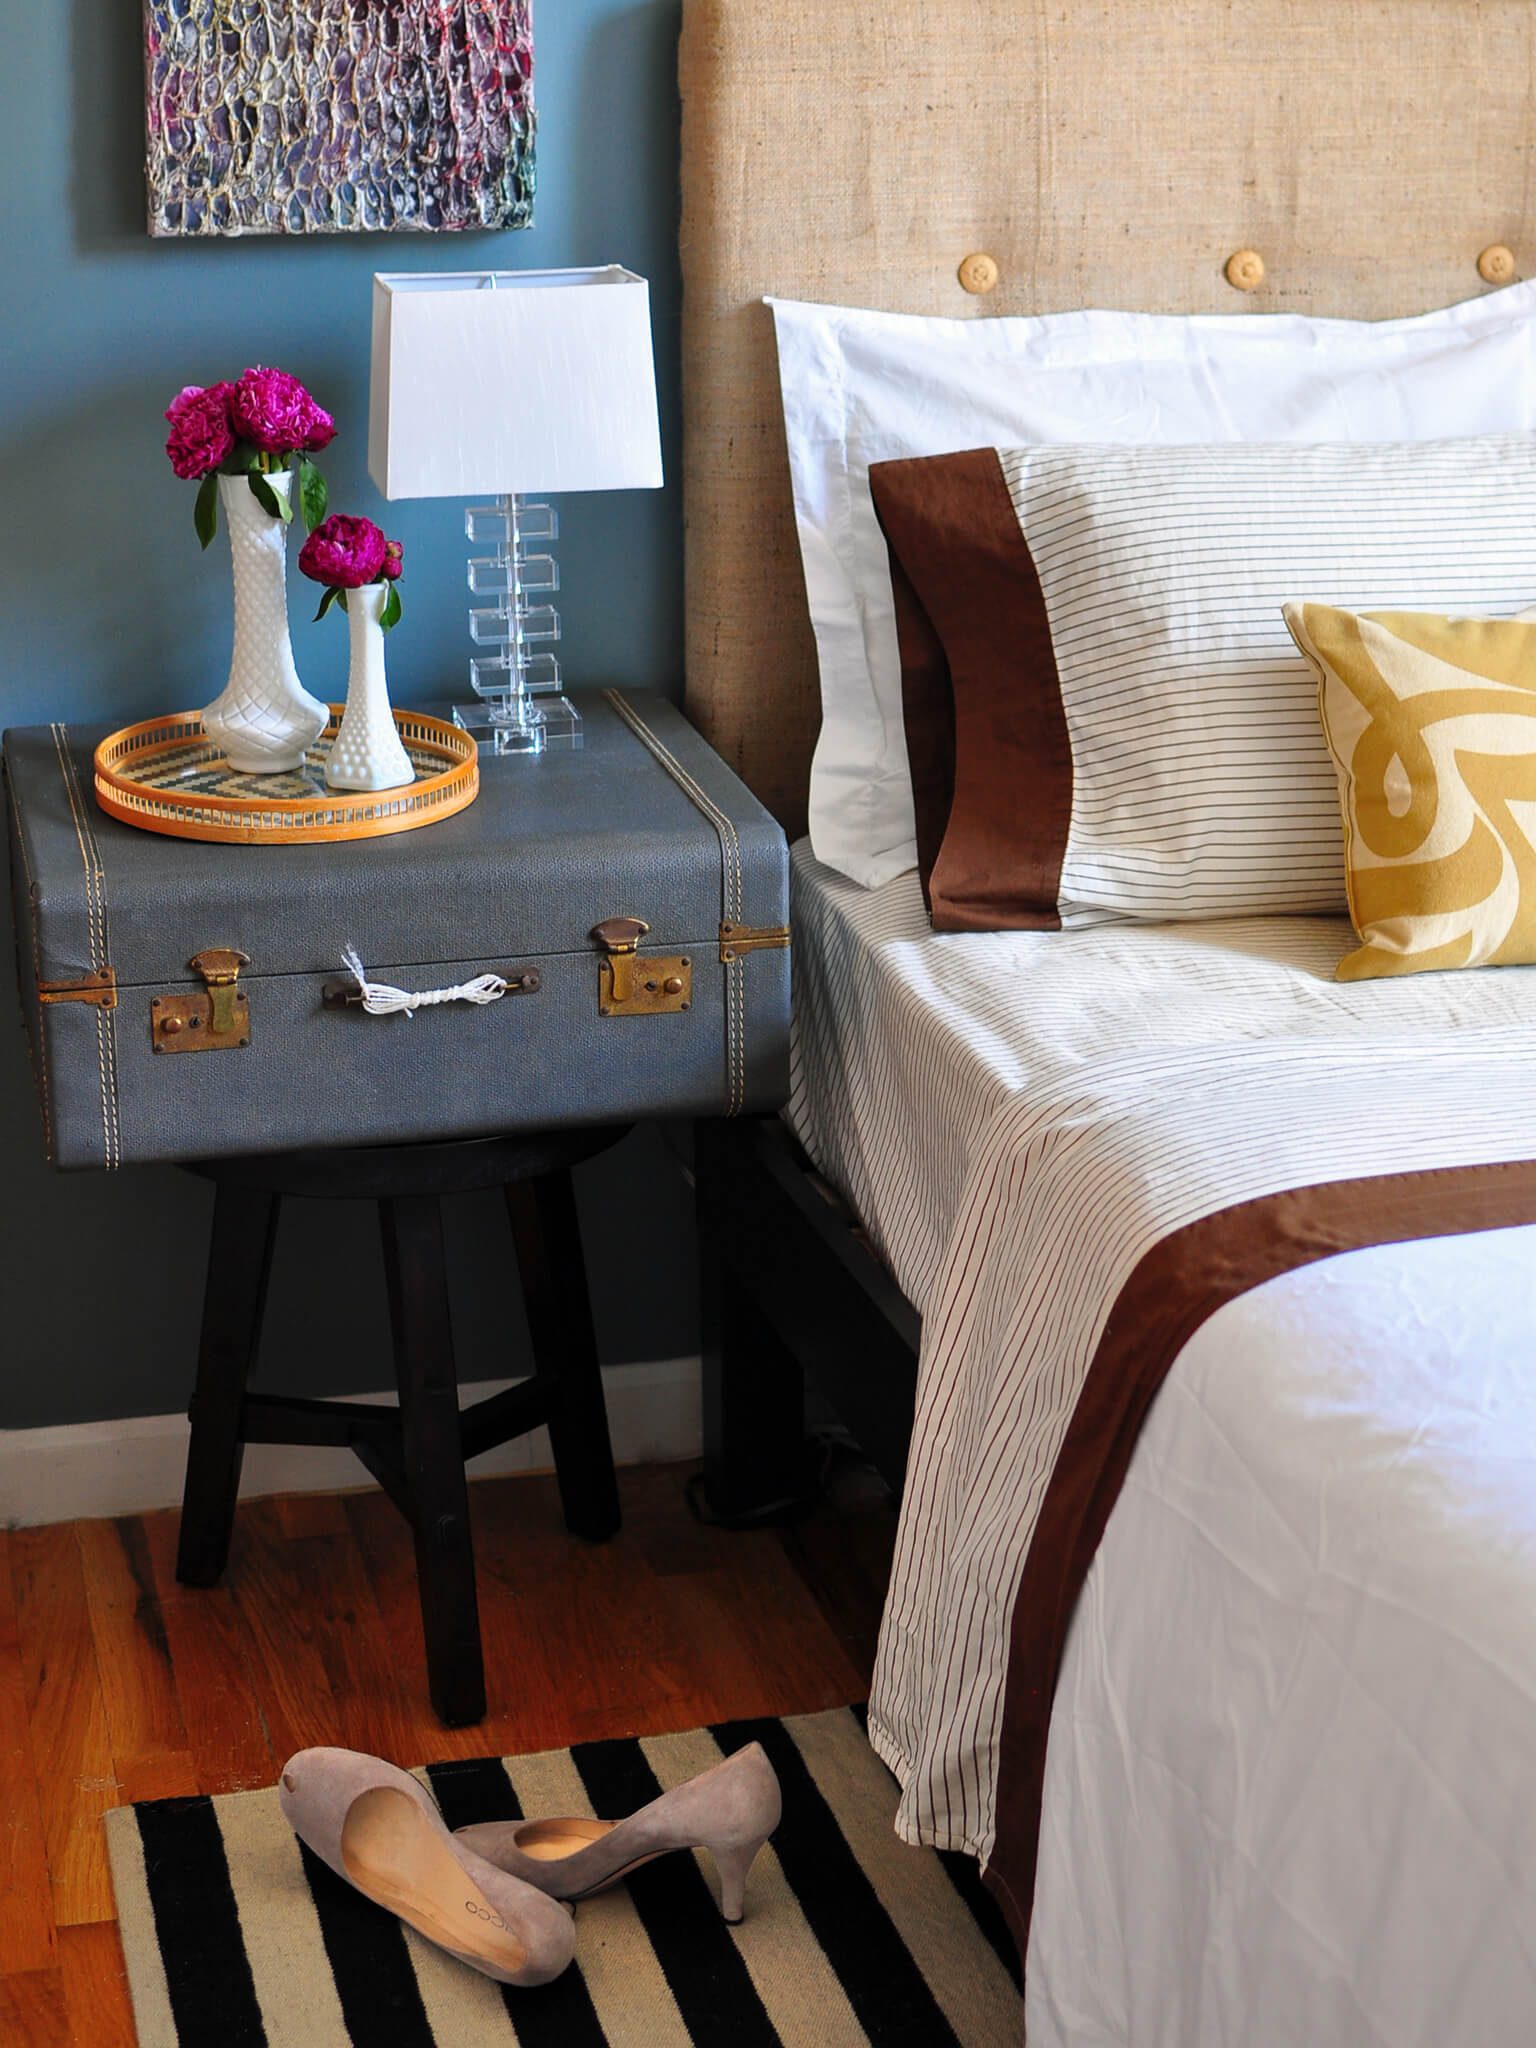 diy nightstand design